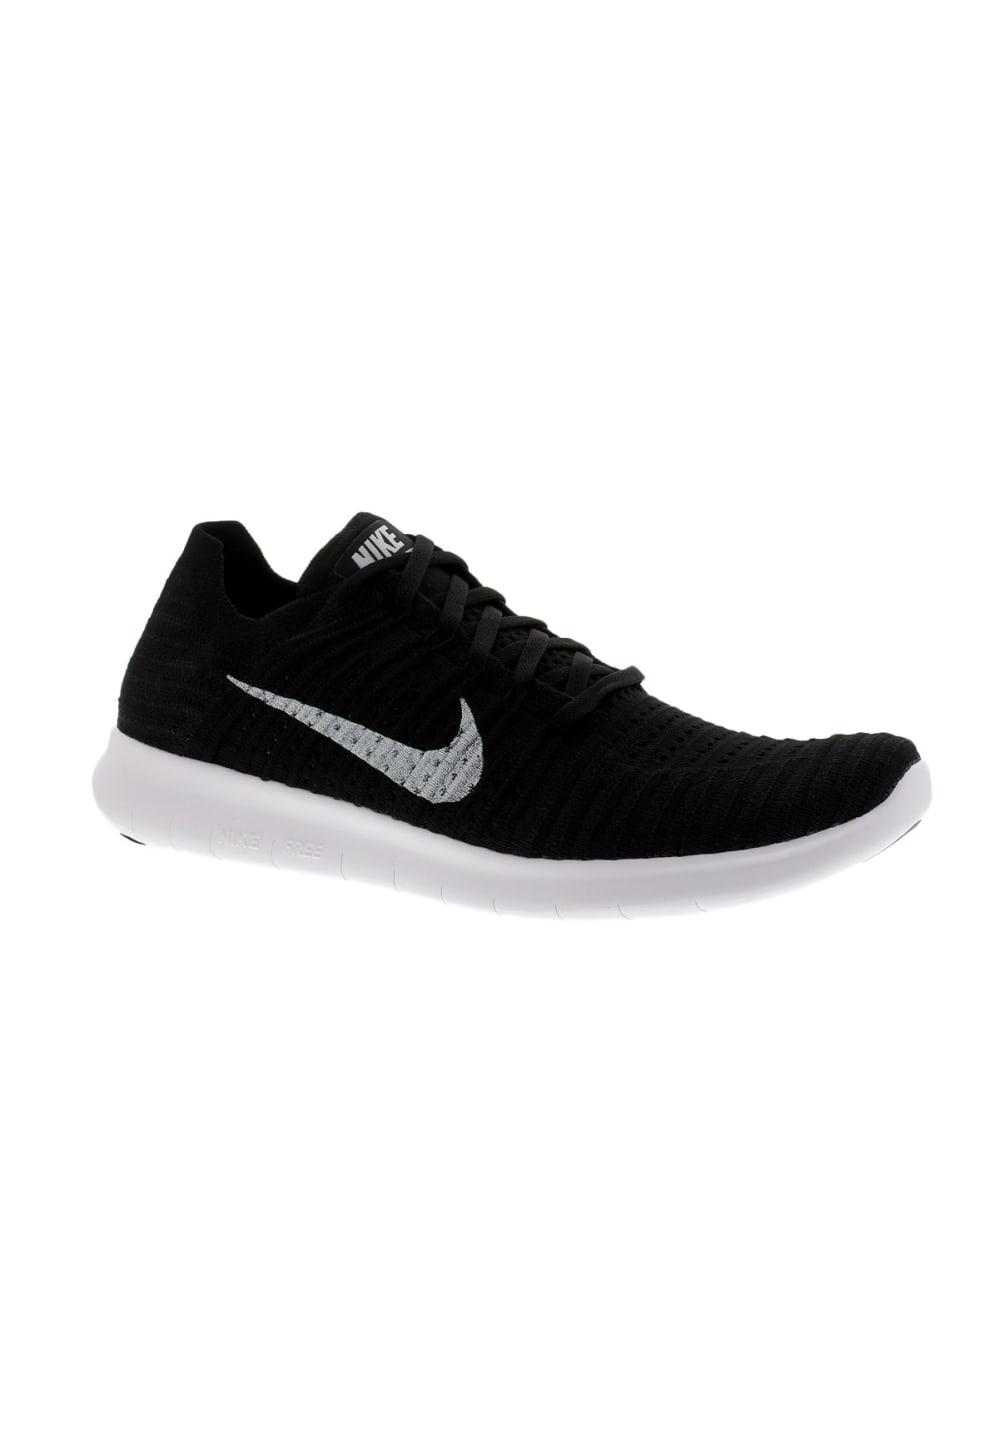 meilleure sélection 4a3cf 5b2f5 Nike Free Run Flyknit - Chaussures running pour Homme - Noir